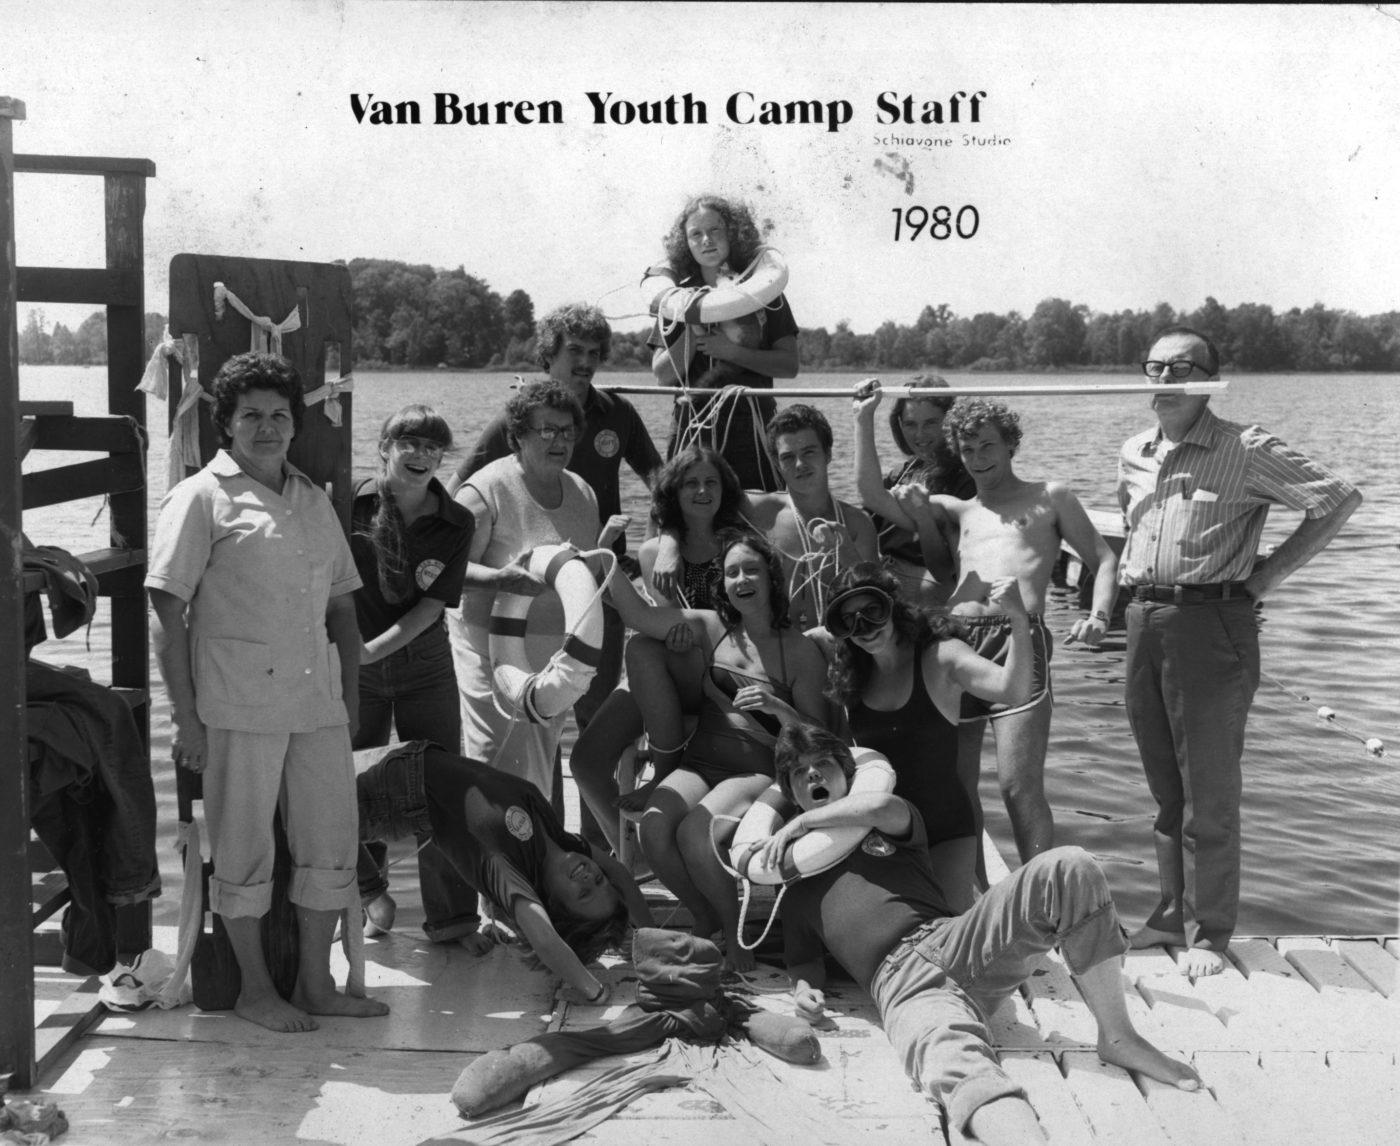 Staff 1980